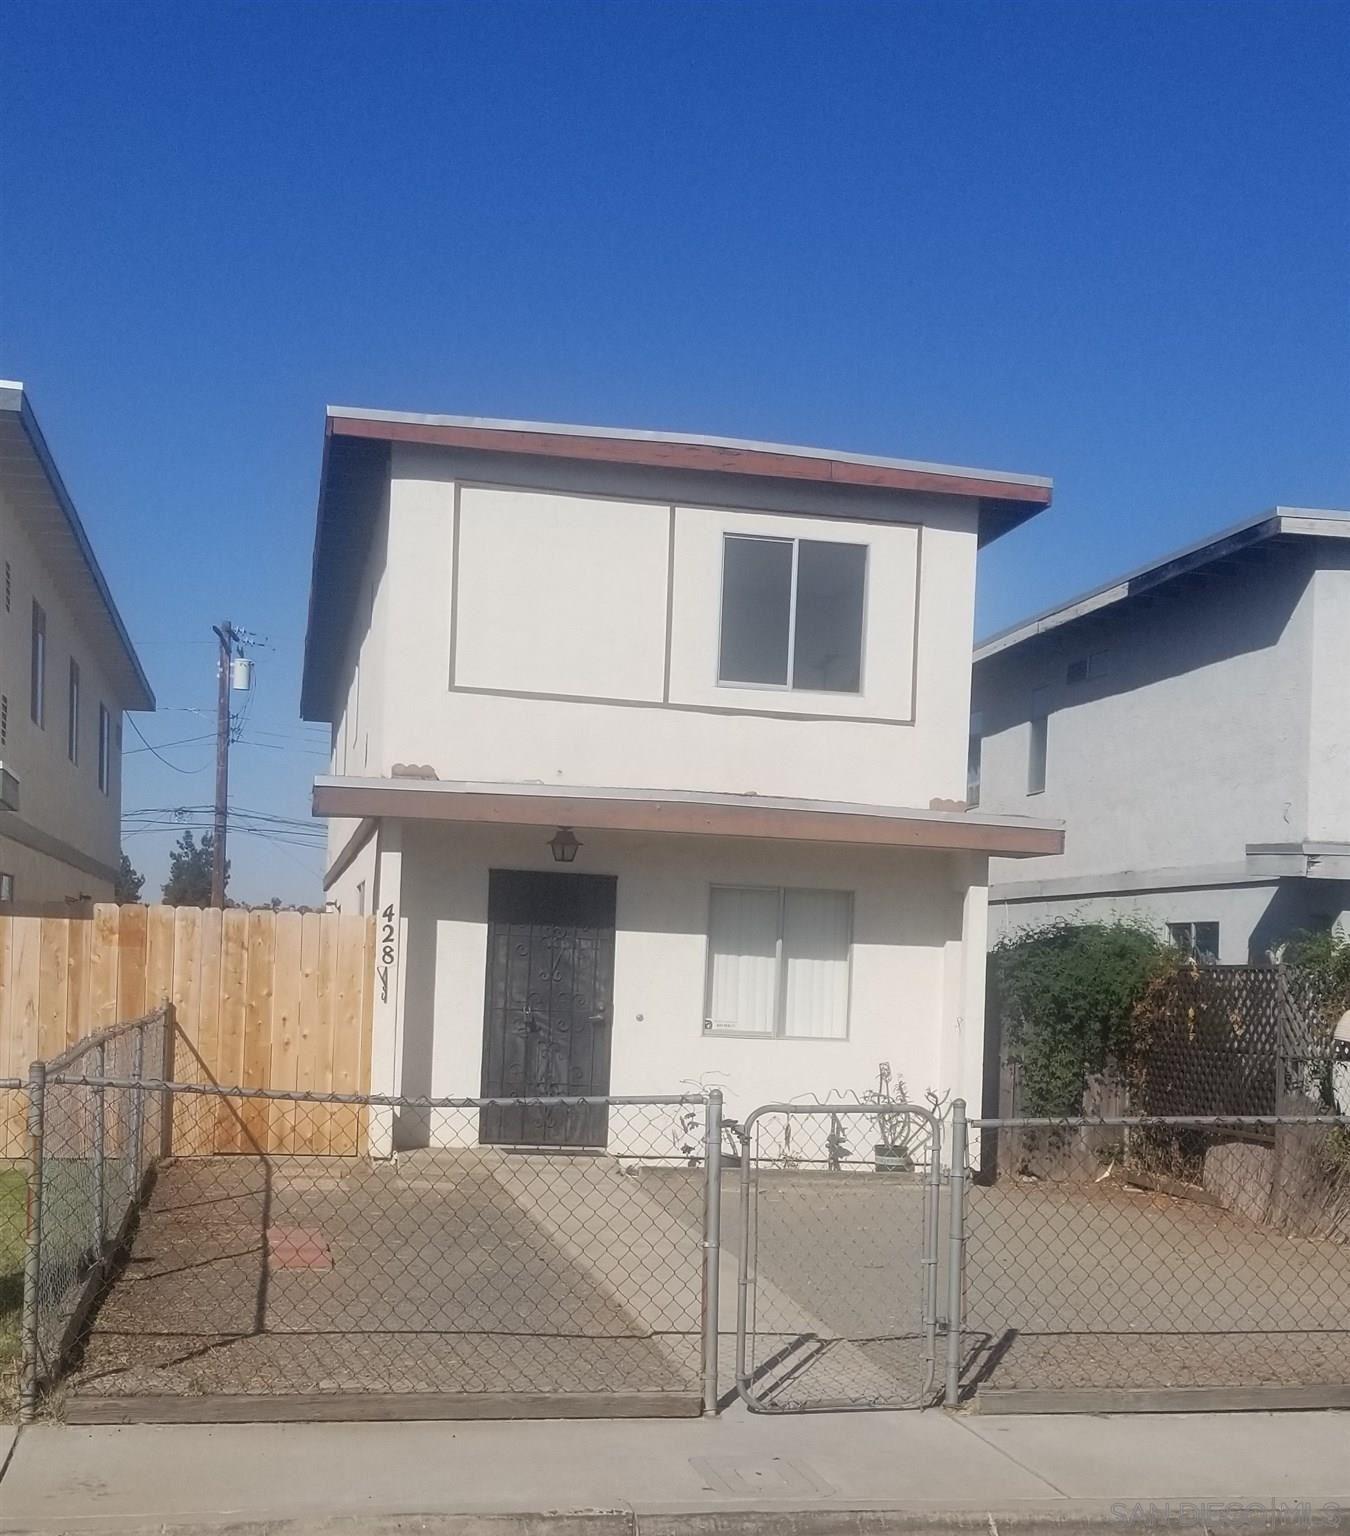 428 Sacramento Ave, Spring Valley, CA 91977 - MLS#: 200047647